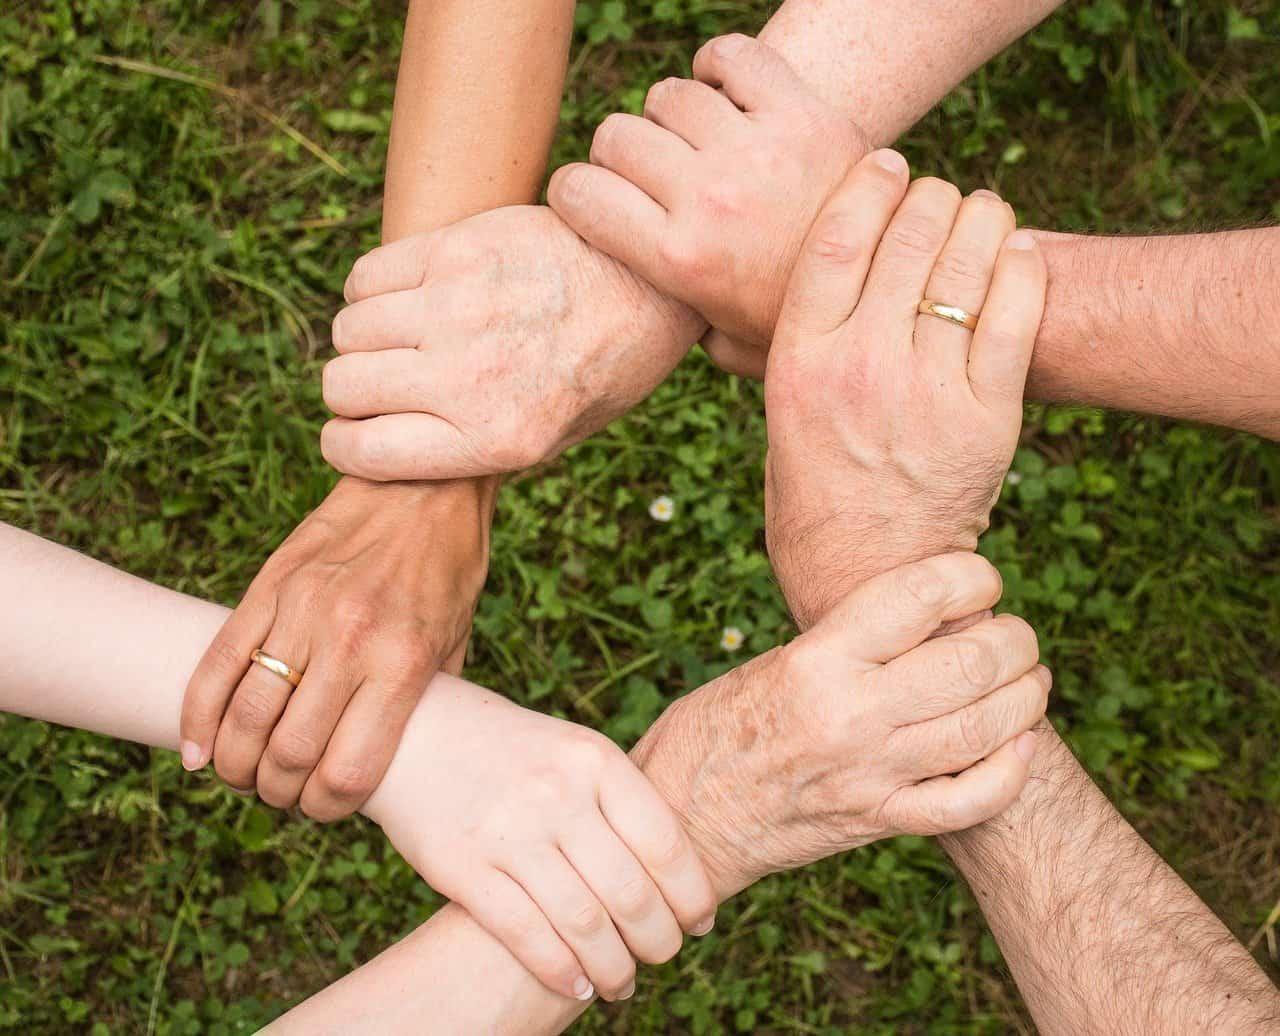 A képen az összefogás szimbólumaként 6 ember fogja egymás kezét